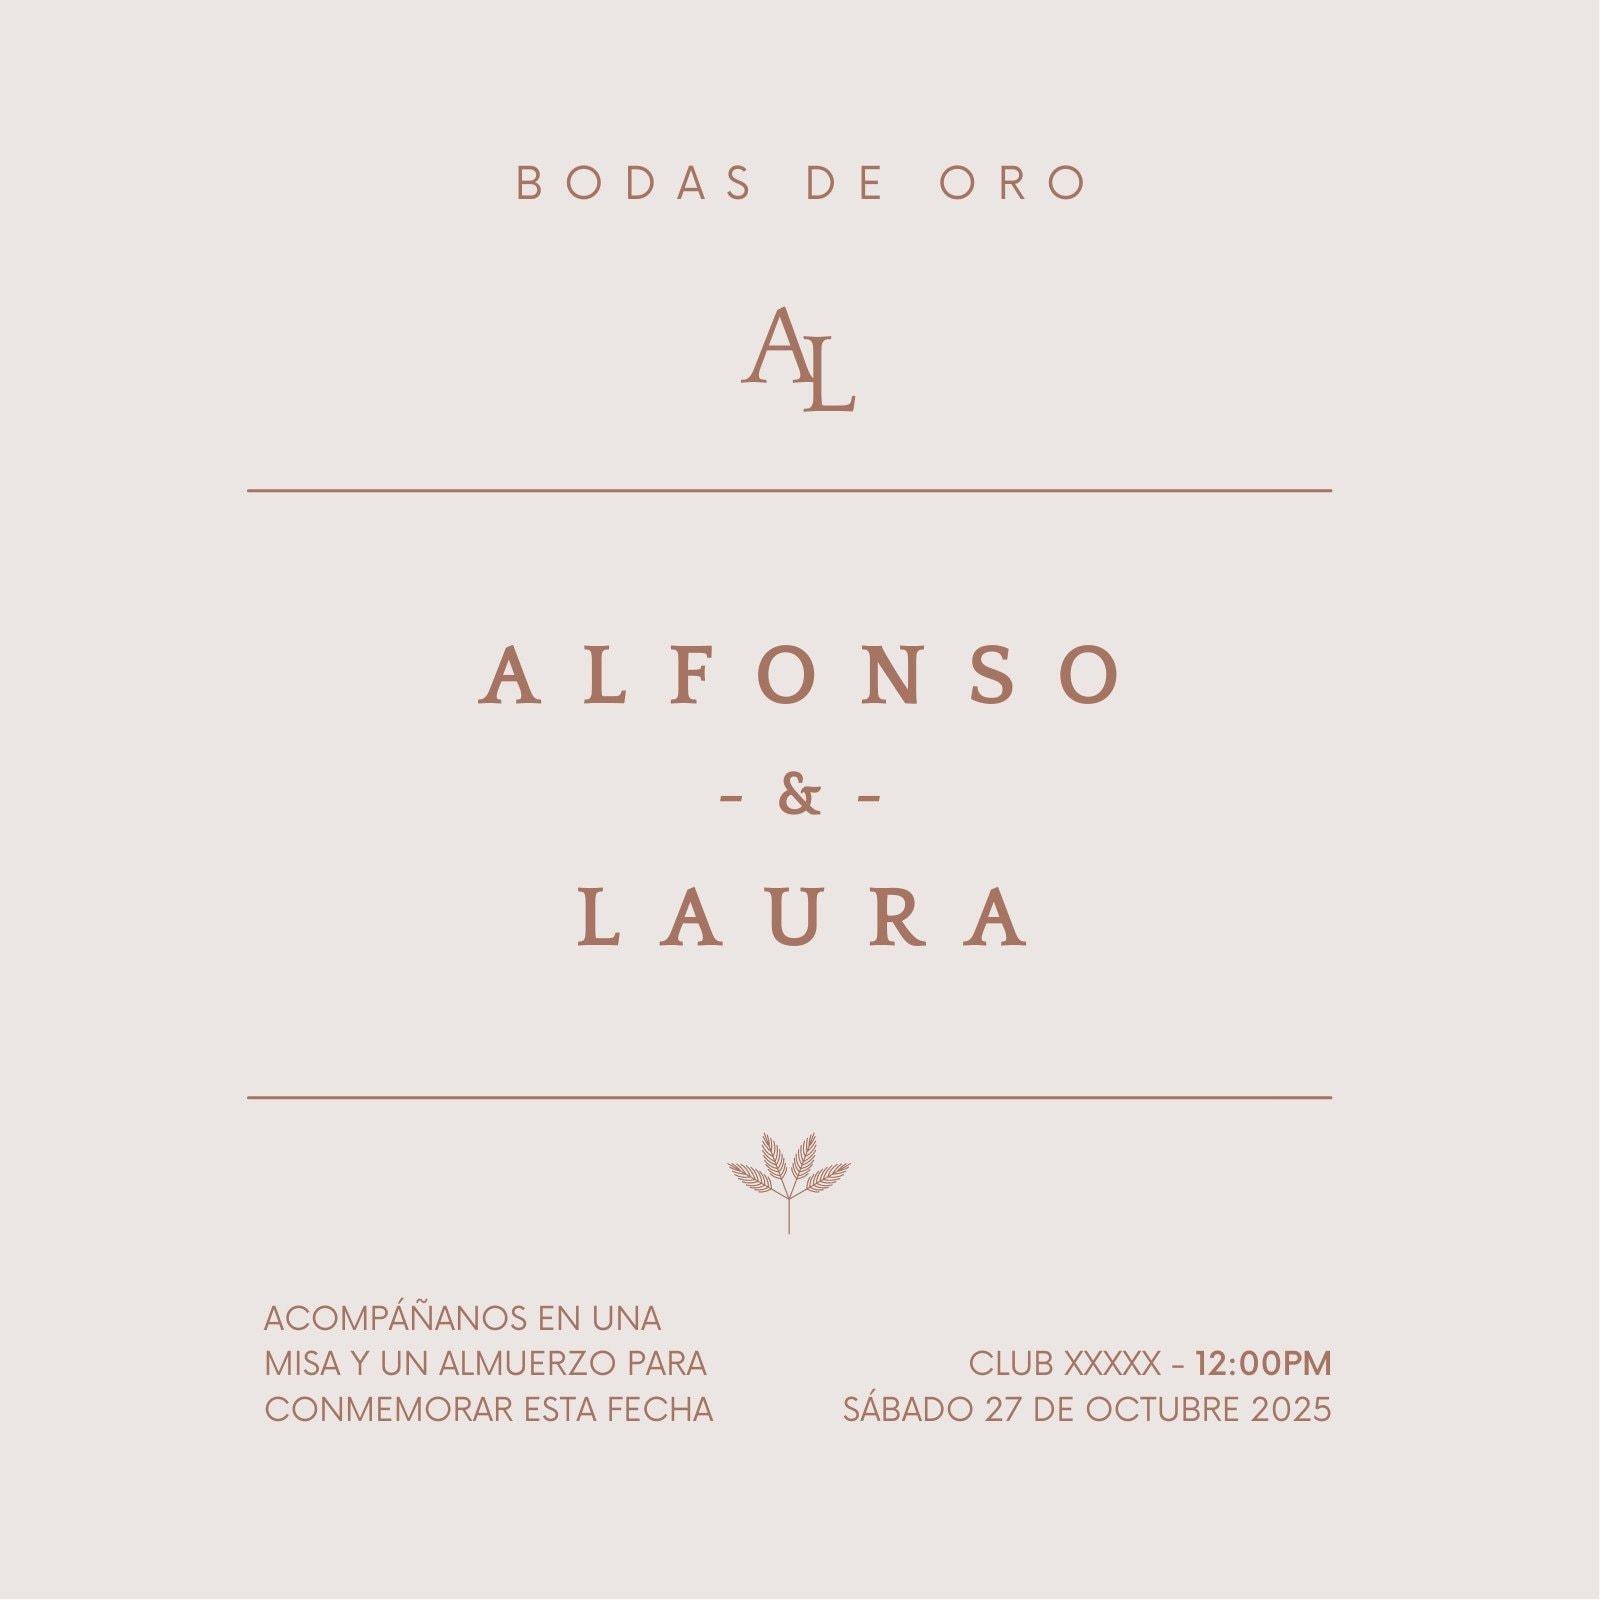 Invitación de boda tradicional fondo liso purpura amatista claro y letras tostado